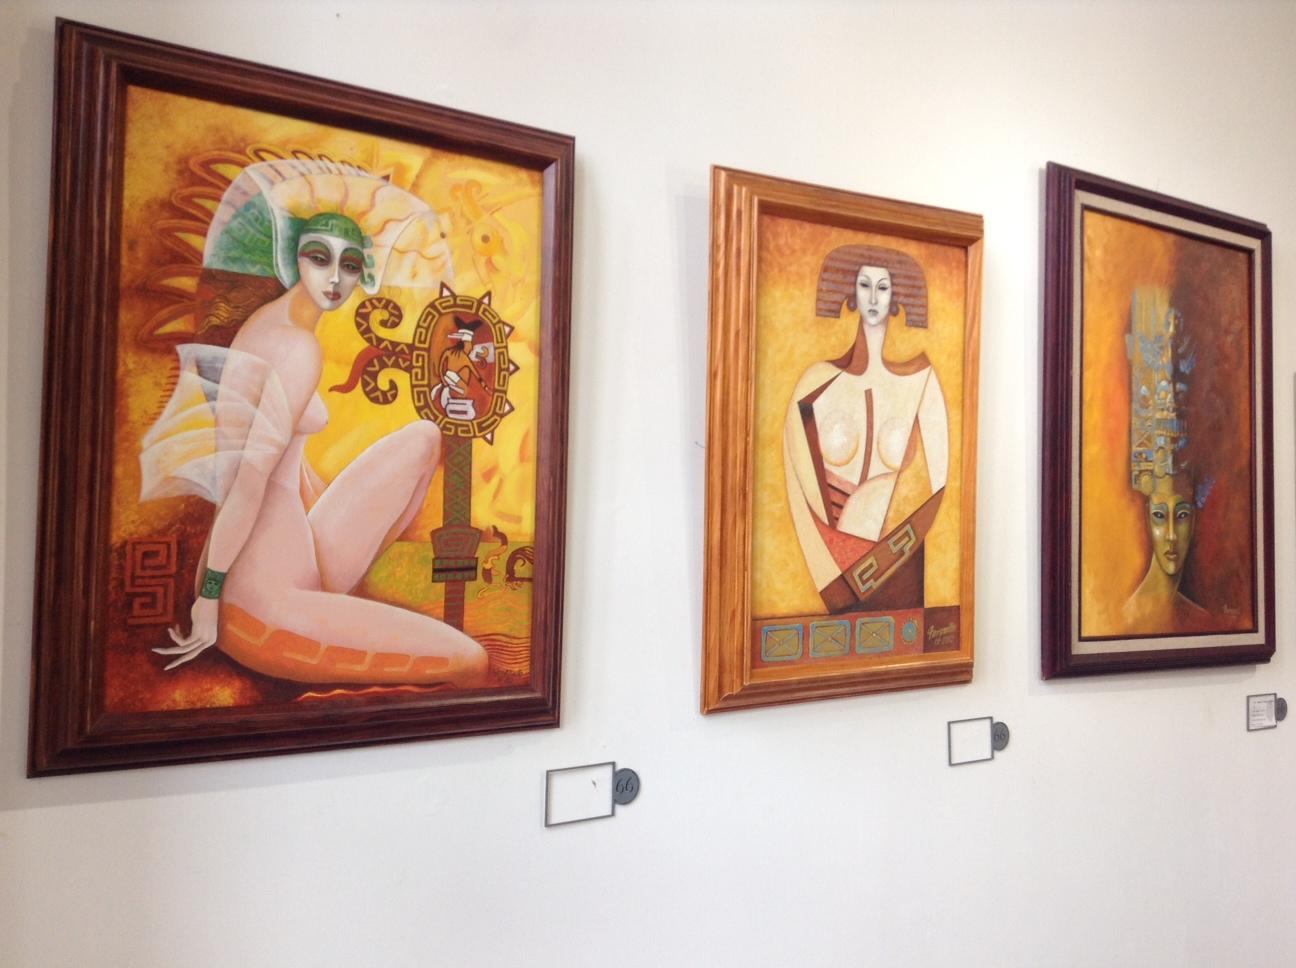 Abre espacio 66 sus puertas para exhibir la obra de Agustín Jaramillo